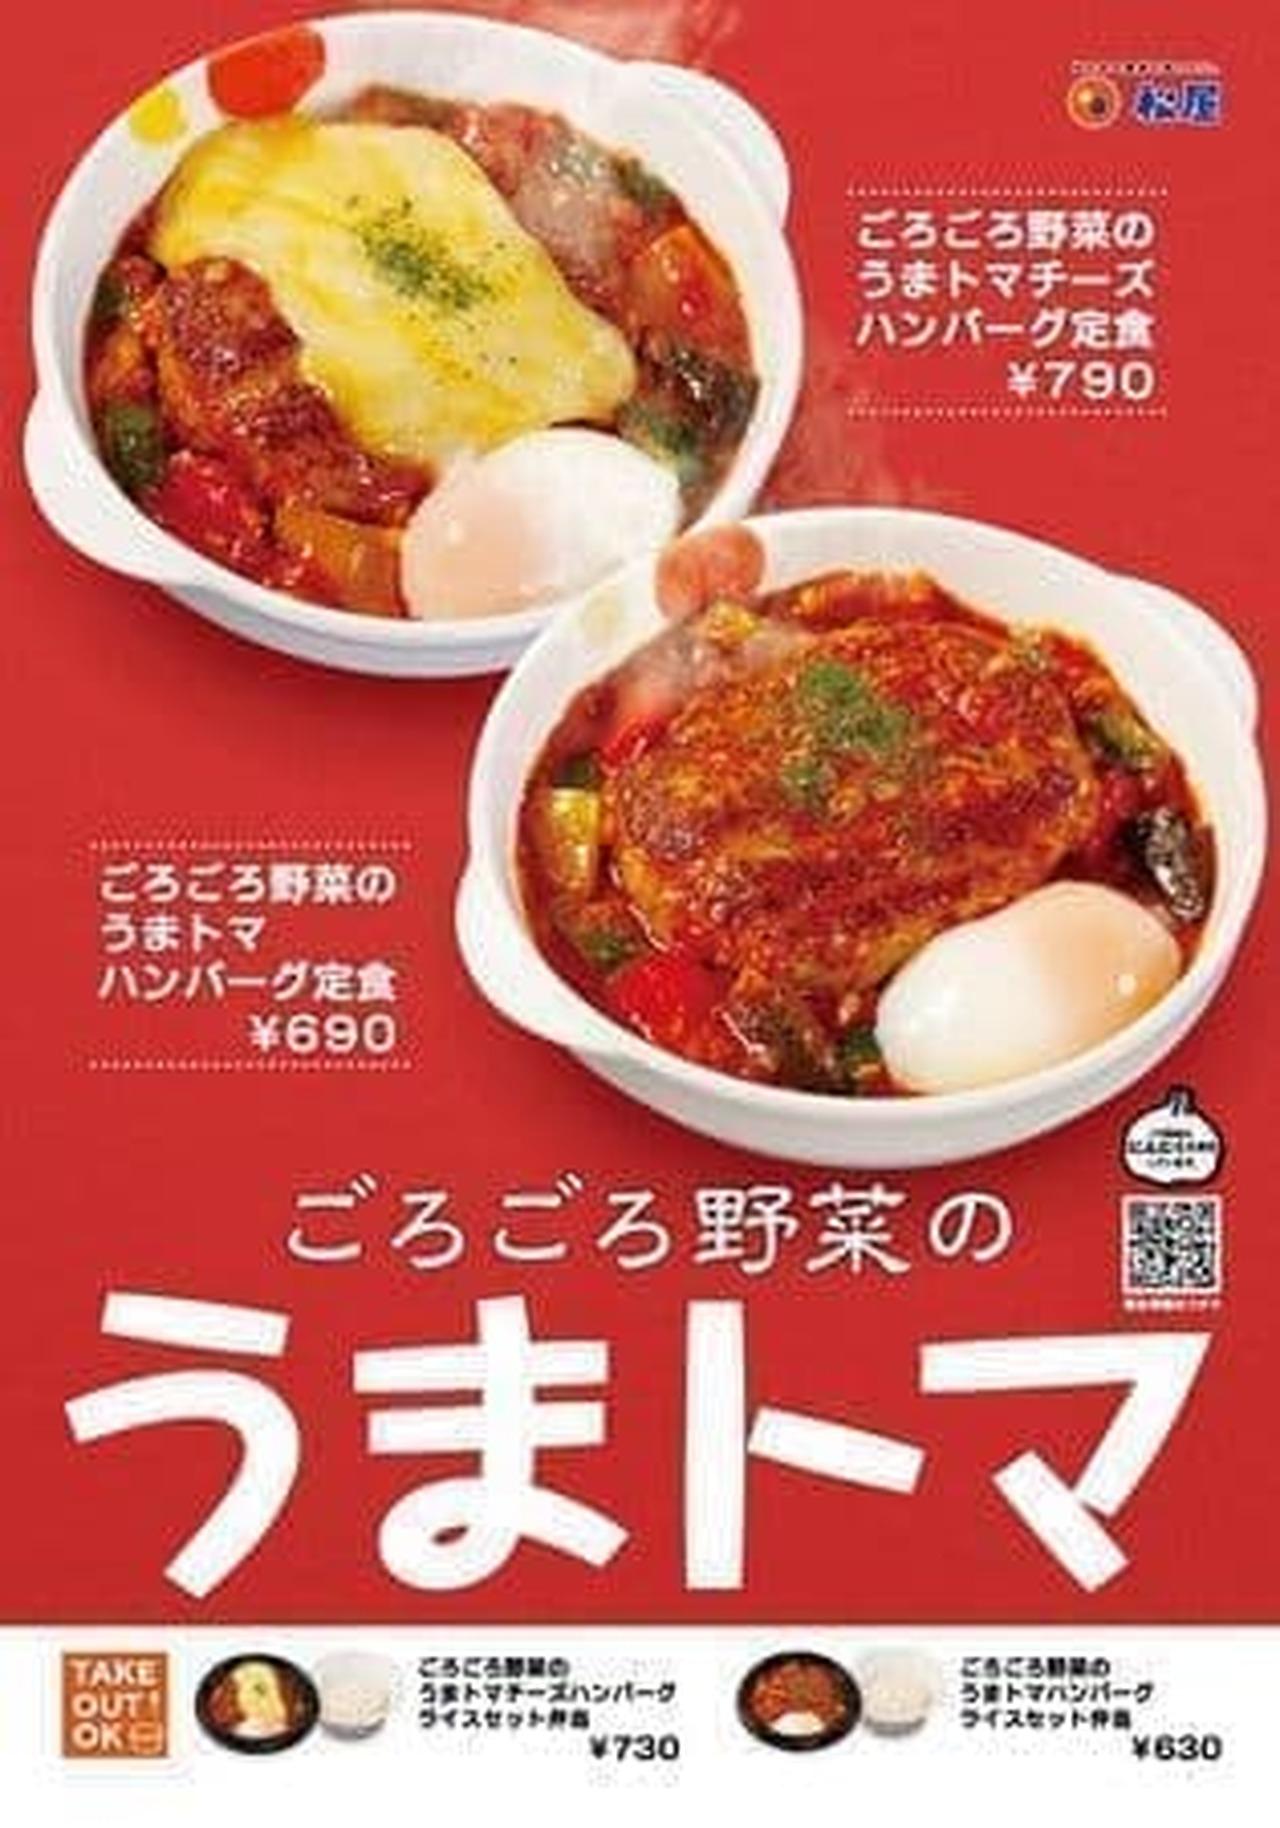 松屋「ごろごろ野菜のうまトマハンバーグ定食」「ごろごろ野菜のうまトマチーズハンバーグ定食」